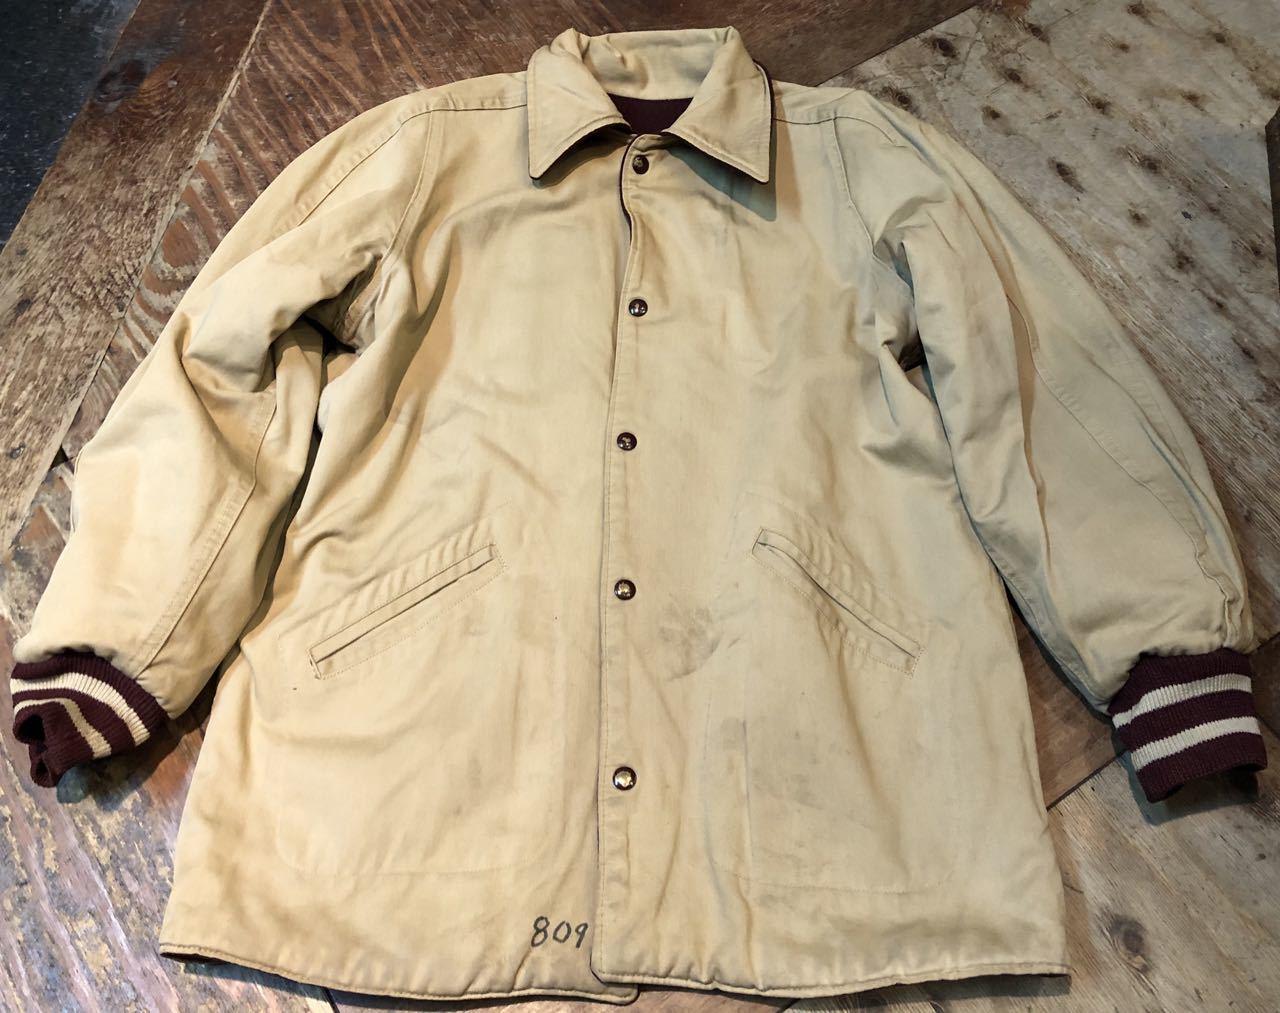 12月27日(金)入荷!60s リバーシブル パチポケ Varsity Jacket!! スタジャン!_c0144020_13322073.jpg